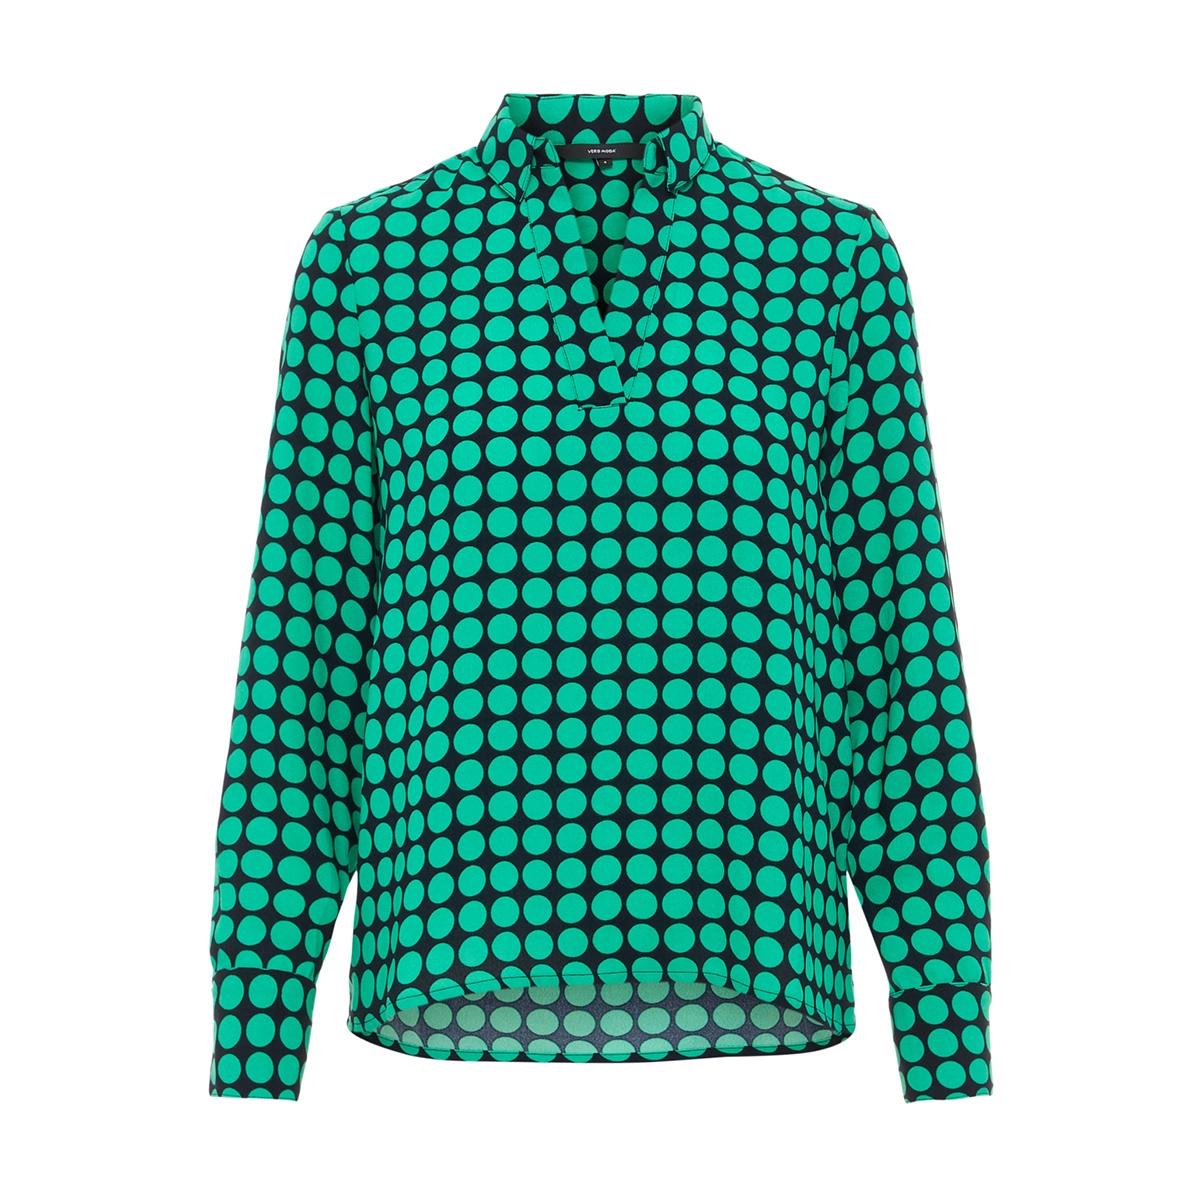 vmsarah dot l/s midi top d2-1 wvn 10210148 vero moda blouse night sky/holly green